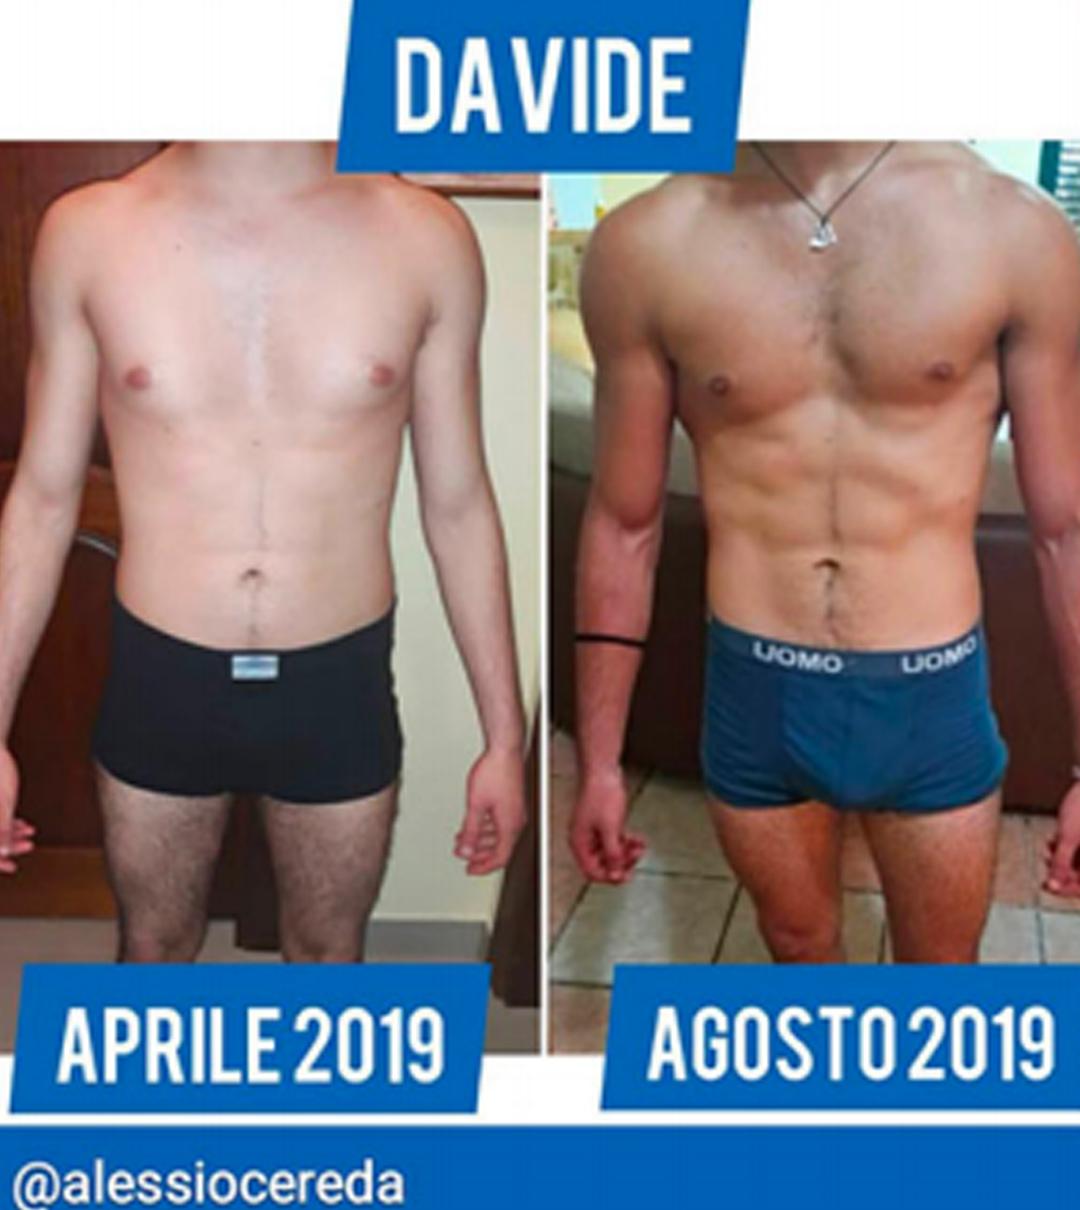 DAVIDE CROTONE